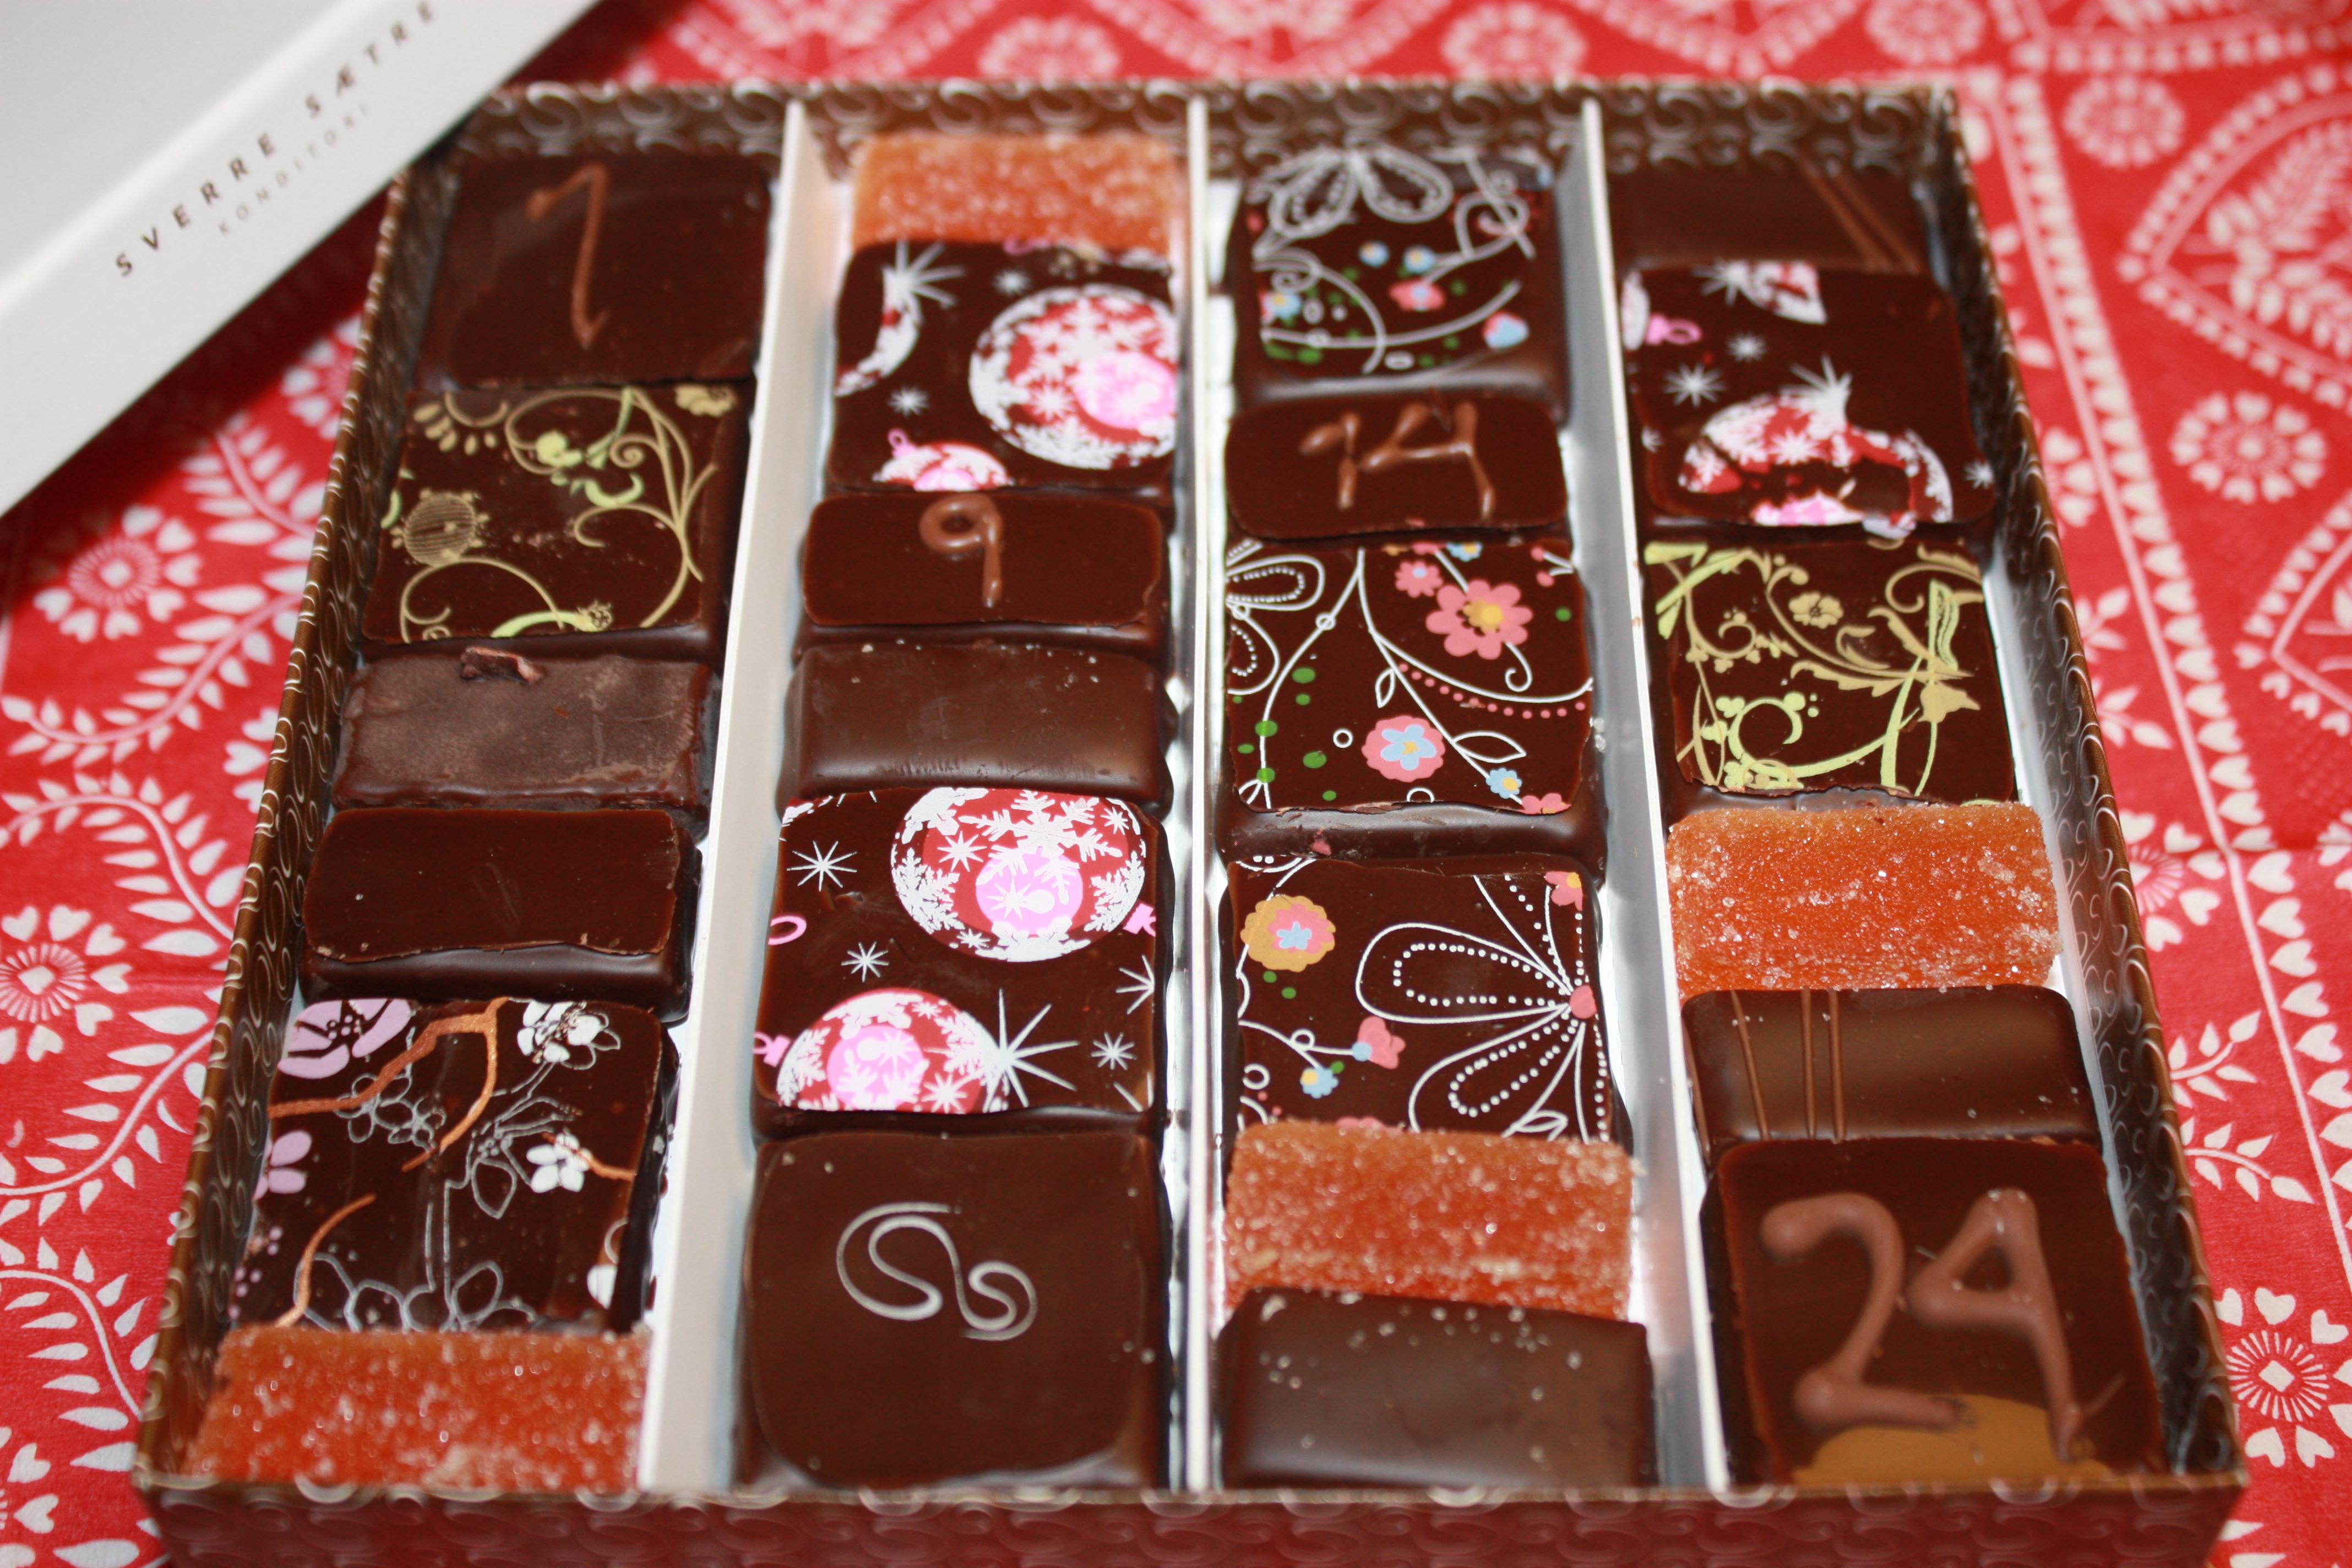 ...sjokoladekalender, of course. ;)